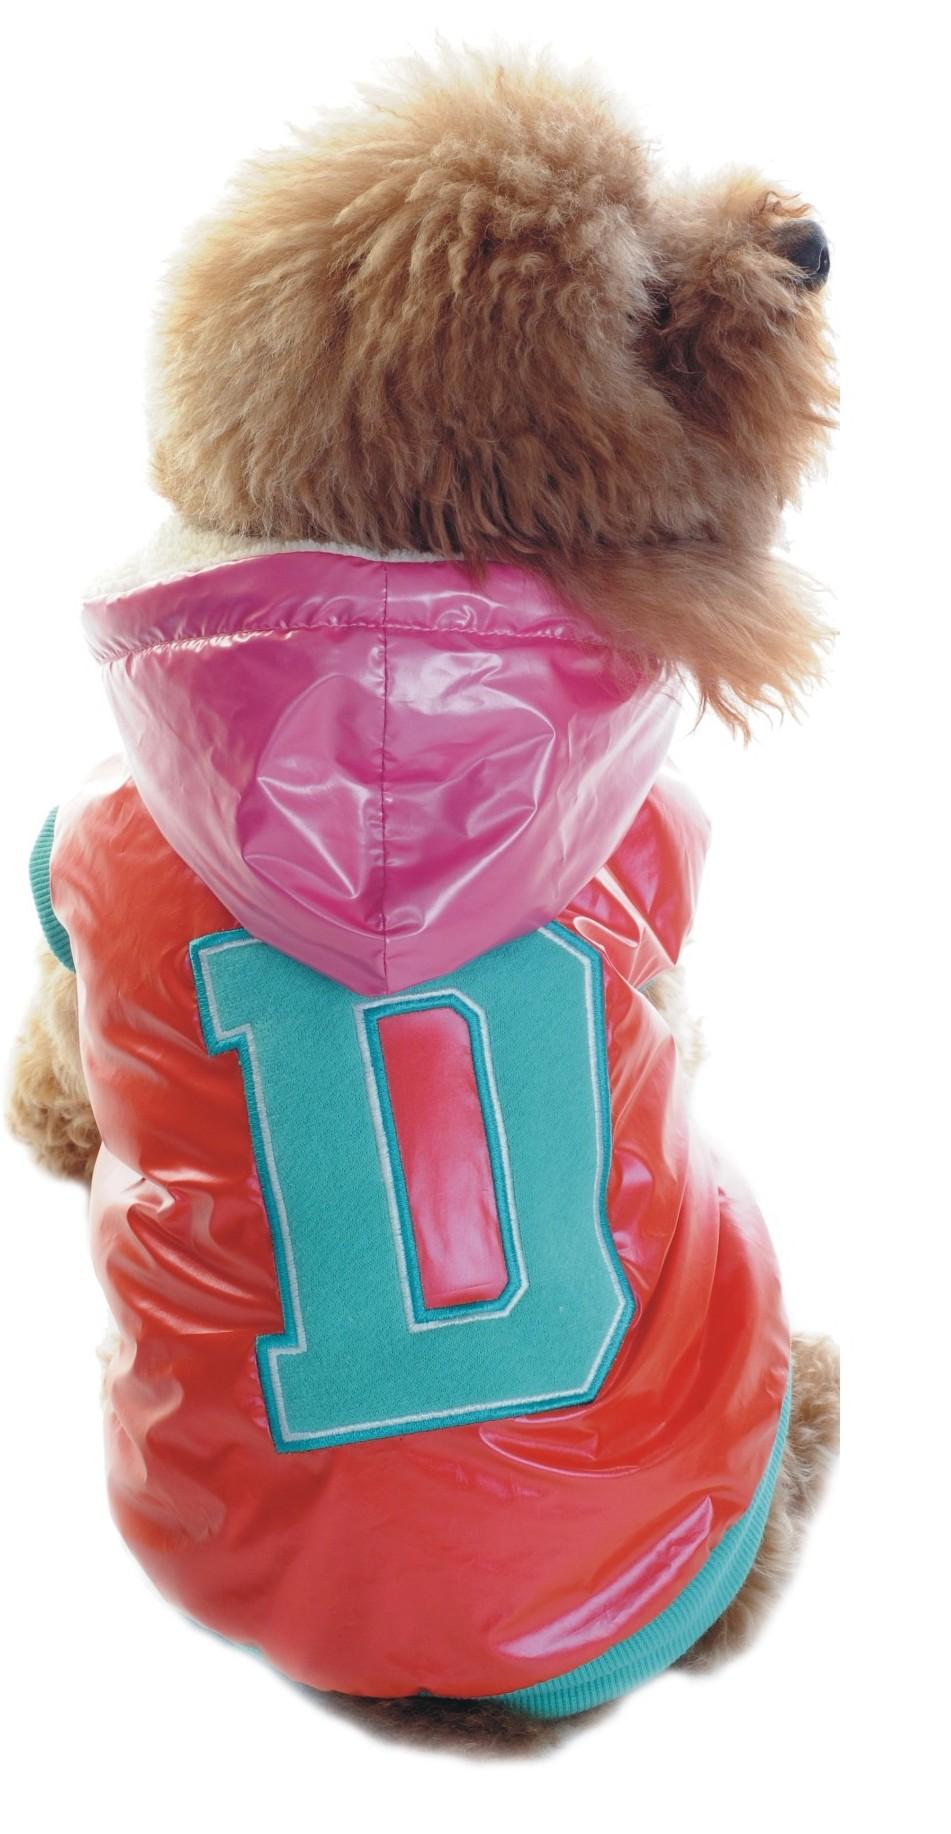 Куртка для собак Dobaz, утепленная, цвет: розовый перламутр. ДА1125БХС/п. Размер XSДА1125БХС/пМягкая теплая болоневая курточка предназначена для использования в прохладную ветреную погоду. Отлично защищает собаку в от холода. Куртку можно быстро надеть и снять, что делает ее идеальной для согревания активных мышц собак до и после прогулки или тренировки.Обхват шеи: 20 см.Обхват груди: 31 см.Длина спинки: 21 см.Одежда для собак: нужна ли она и как её выбрать. Статья OZON Гид